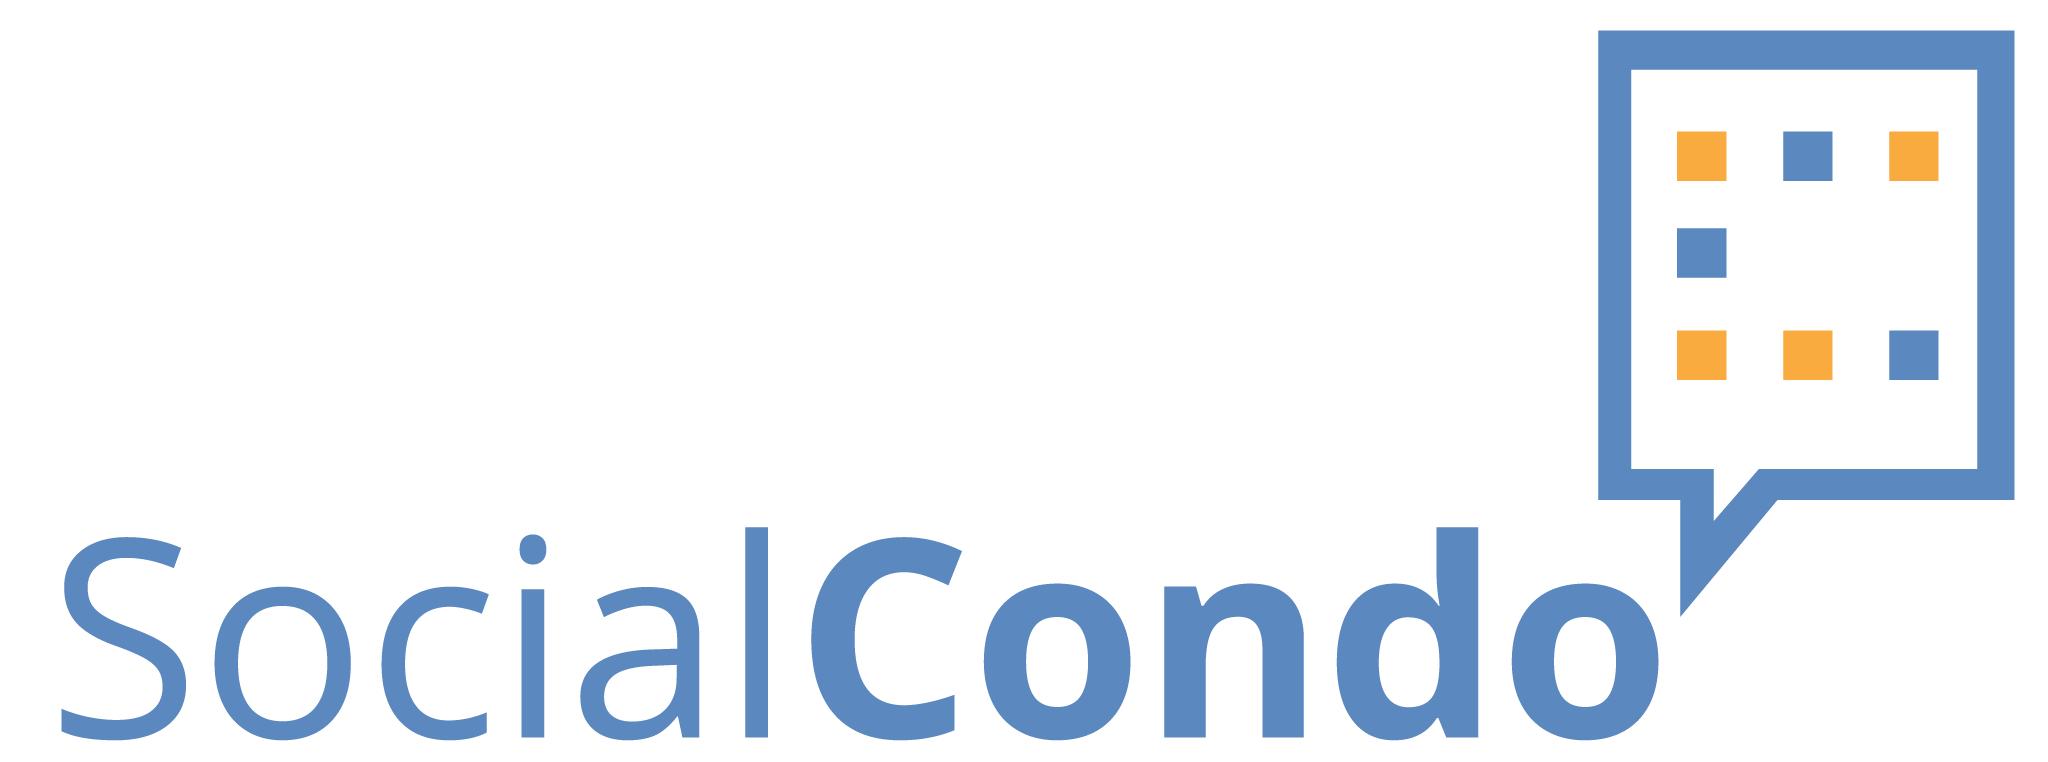 SocialCondo - App para condomínio - A vida em condomínio melhor